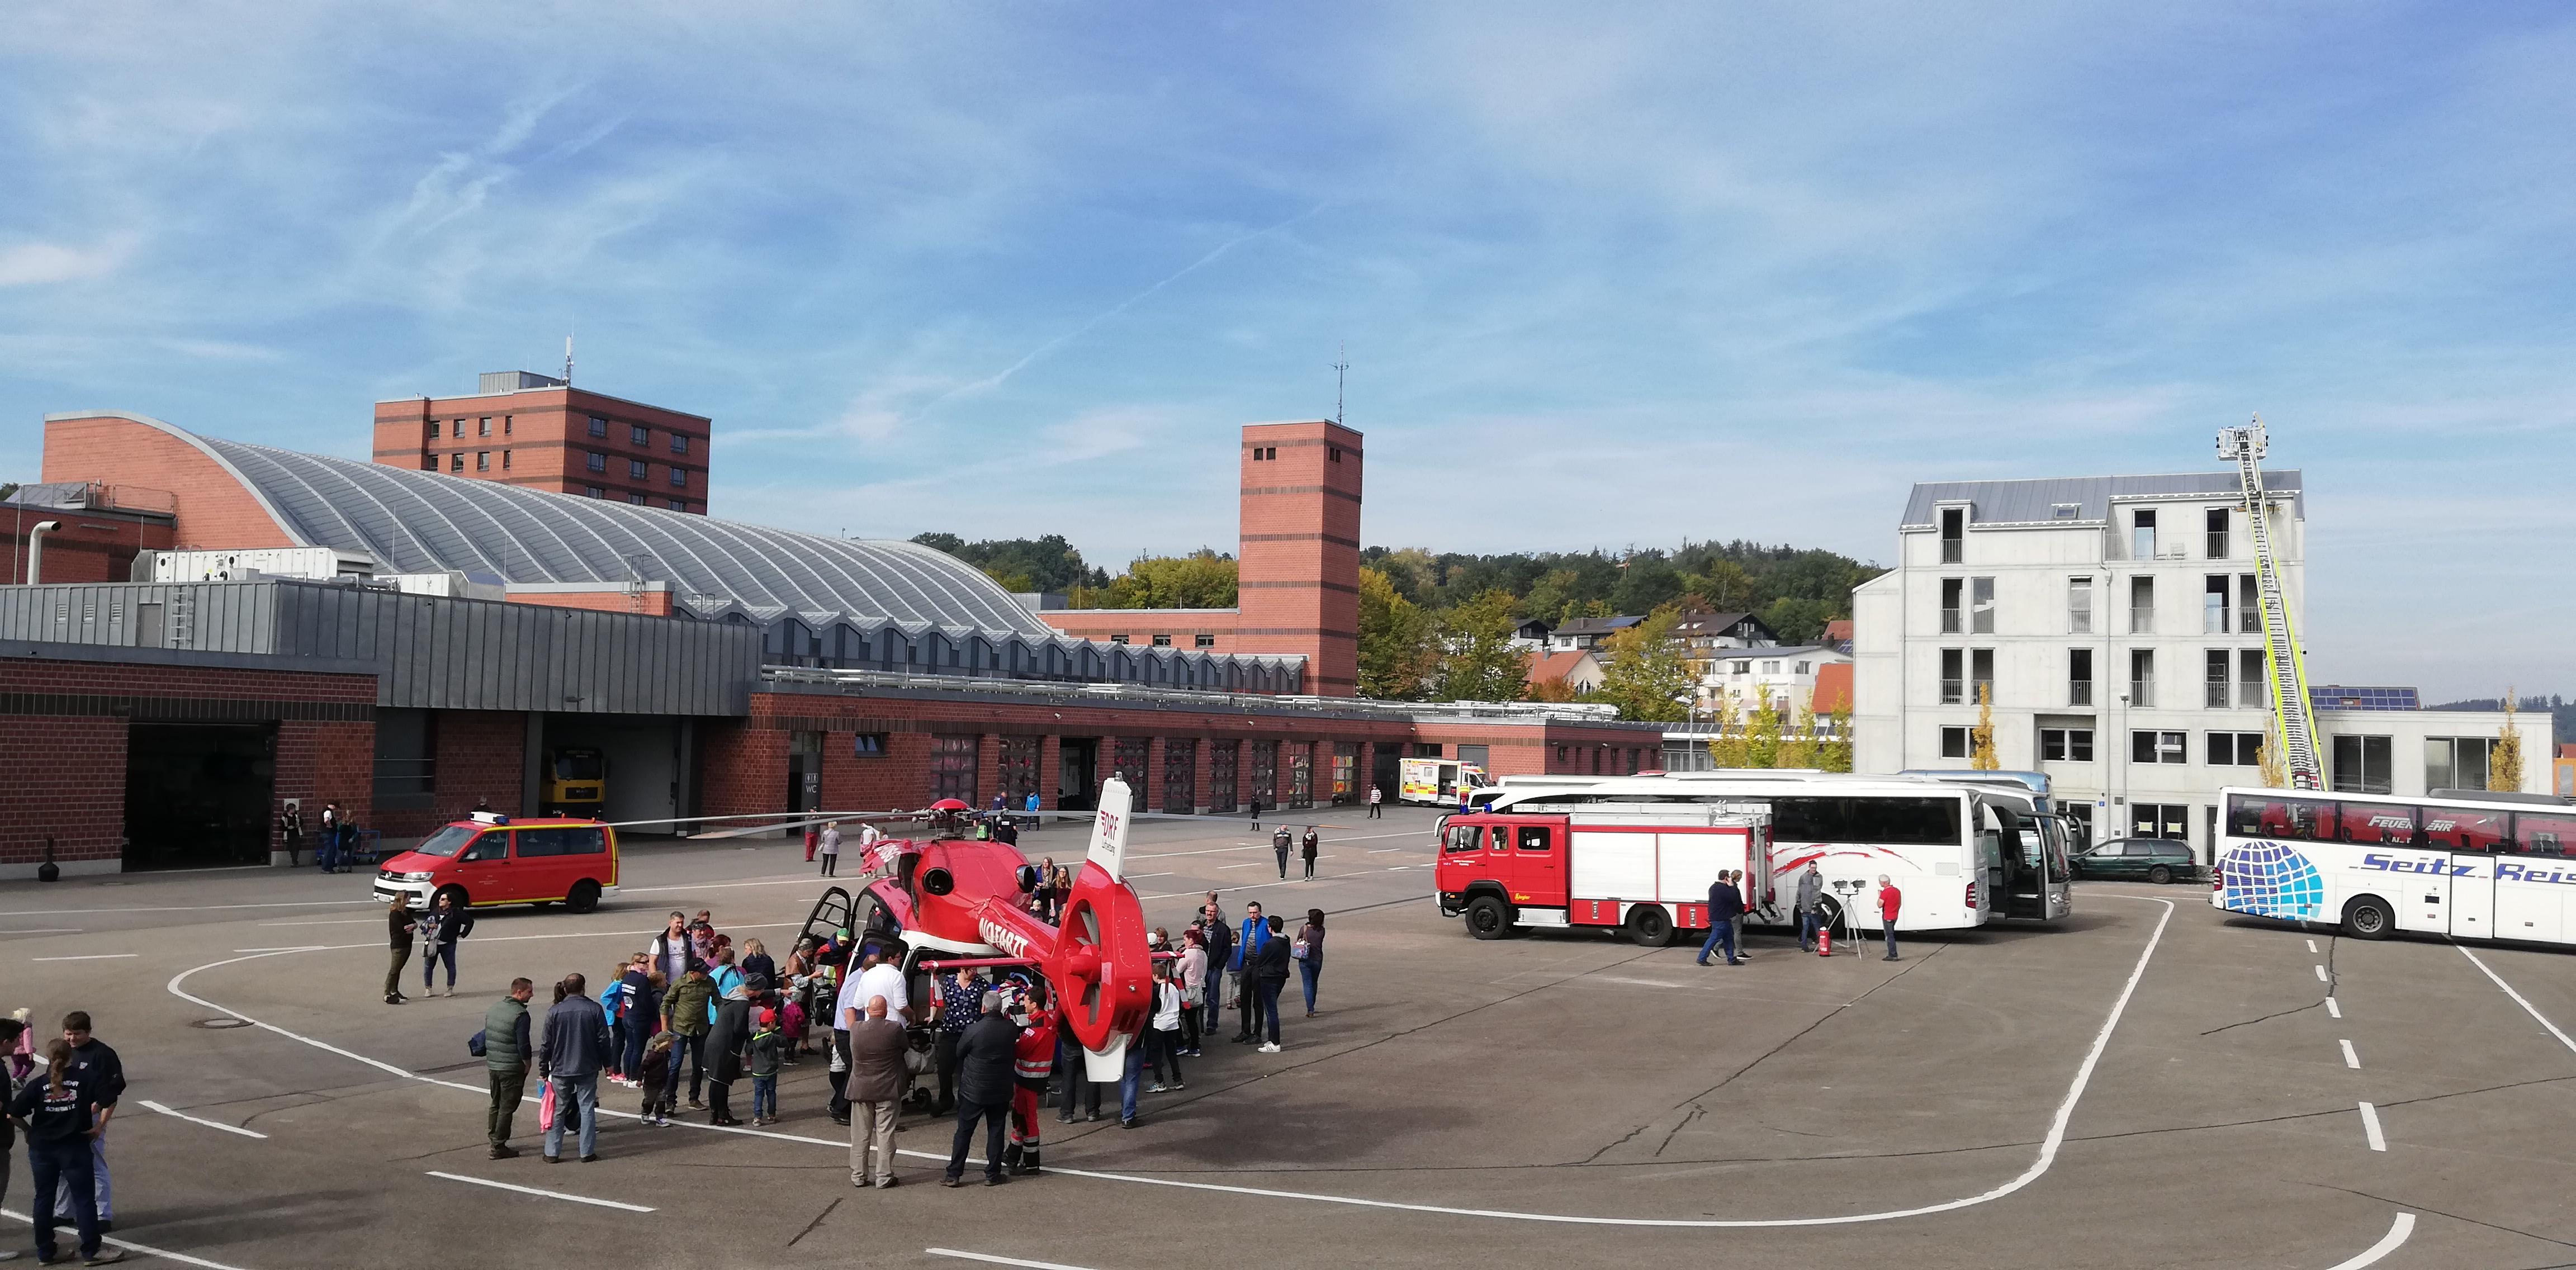 Feuerwehrschule Regensburg – Übungsfläche